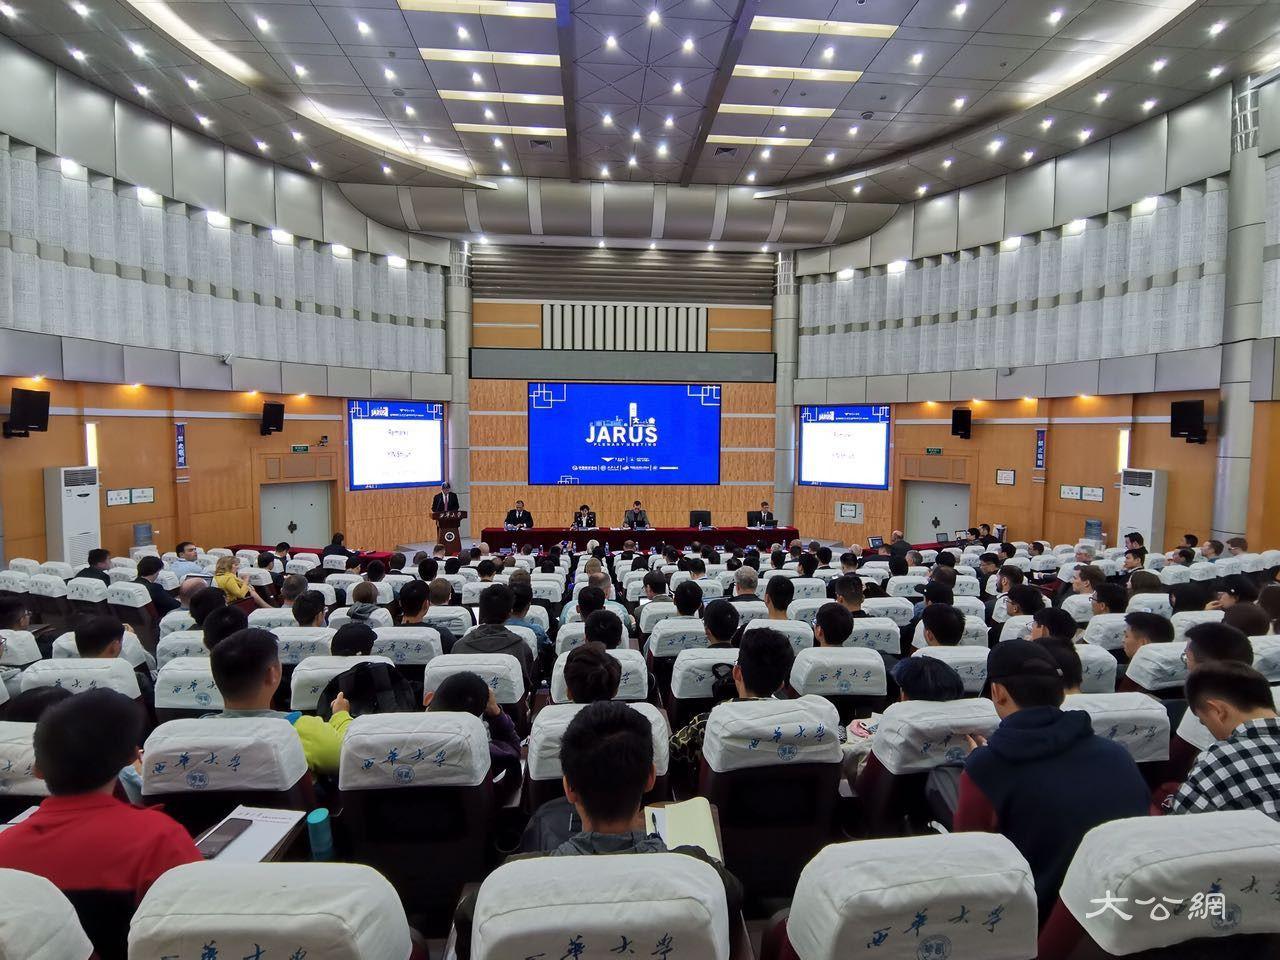 无人系统规则制定联合体(JARUS)国际会议在西华大学举行